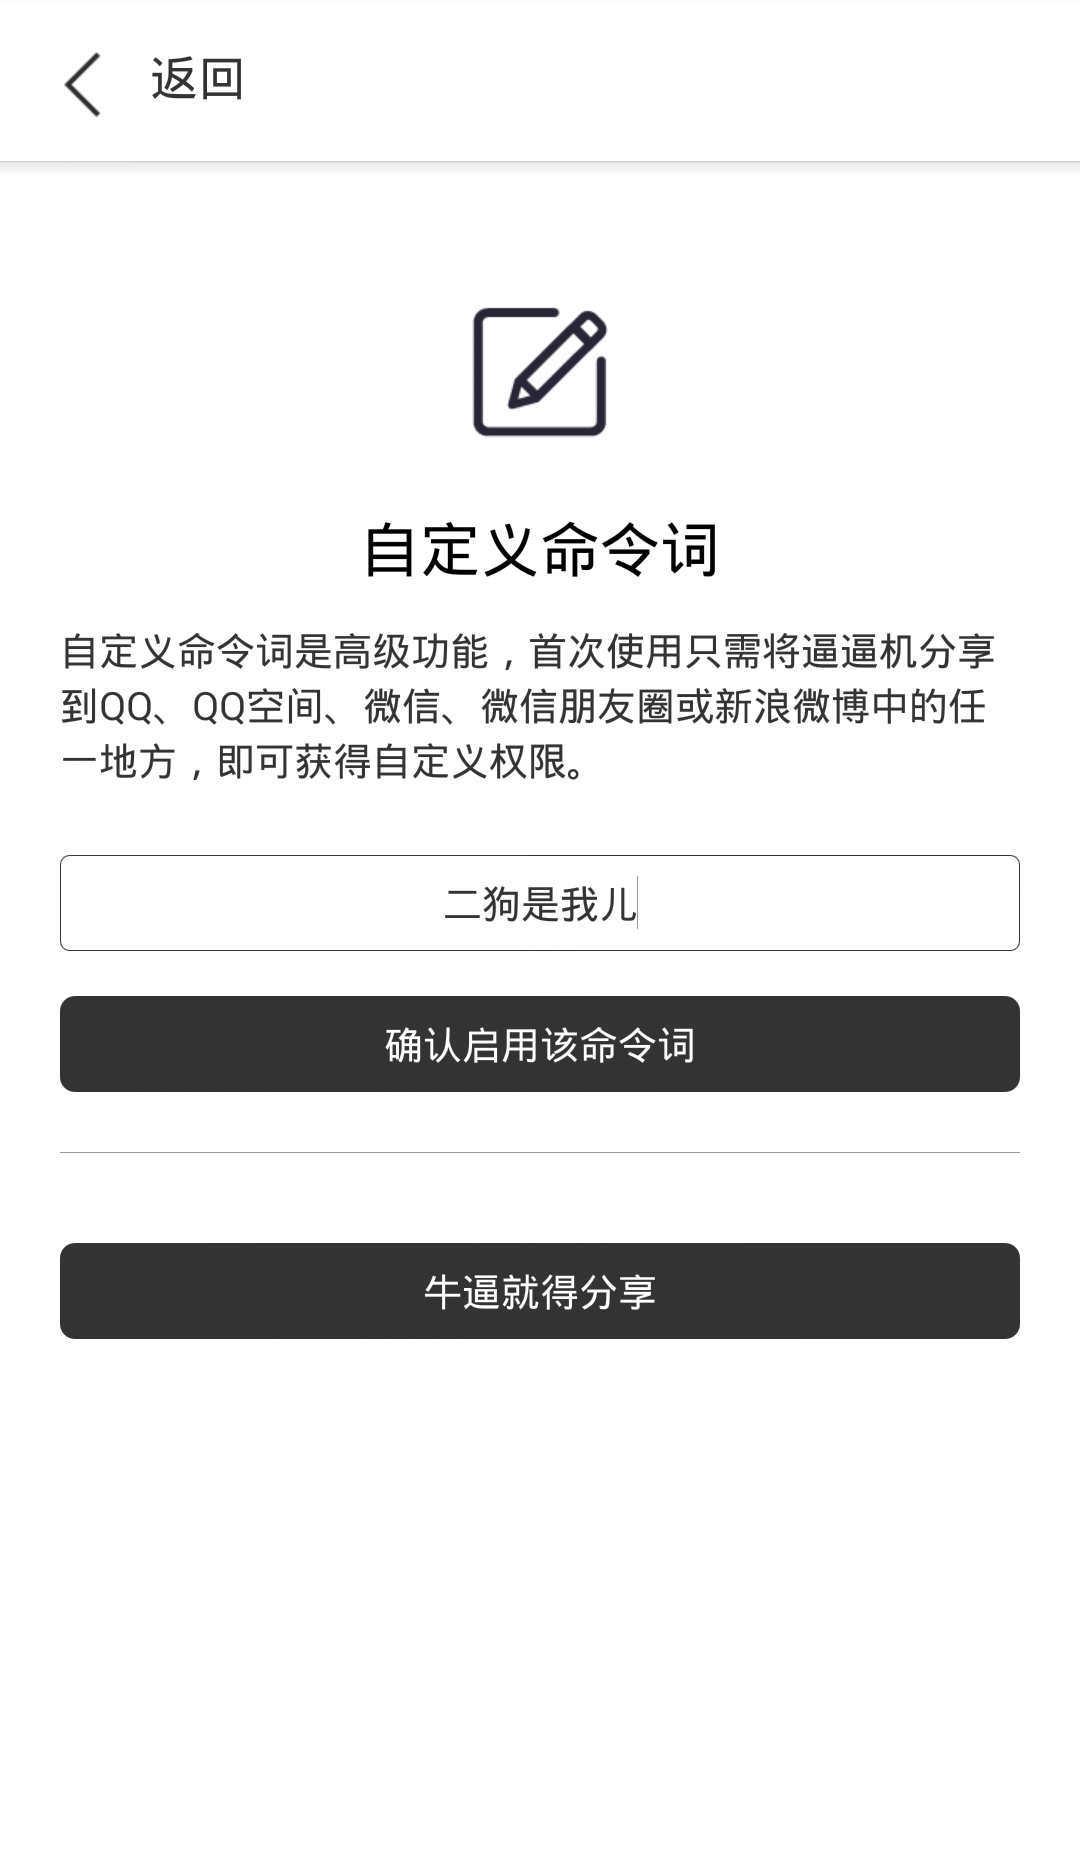 逗逼机官网app下载找手机神器图4: